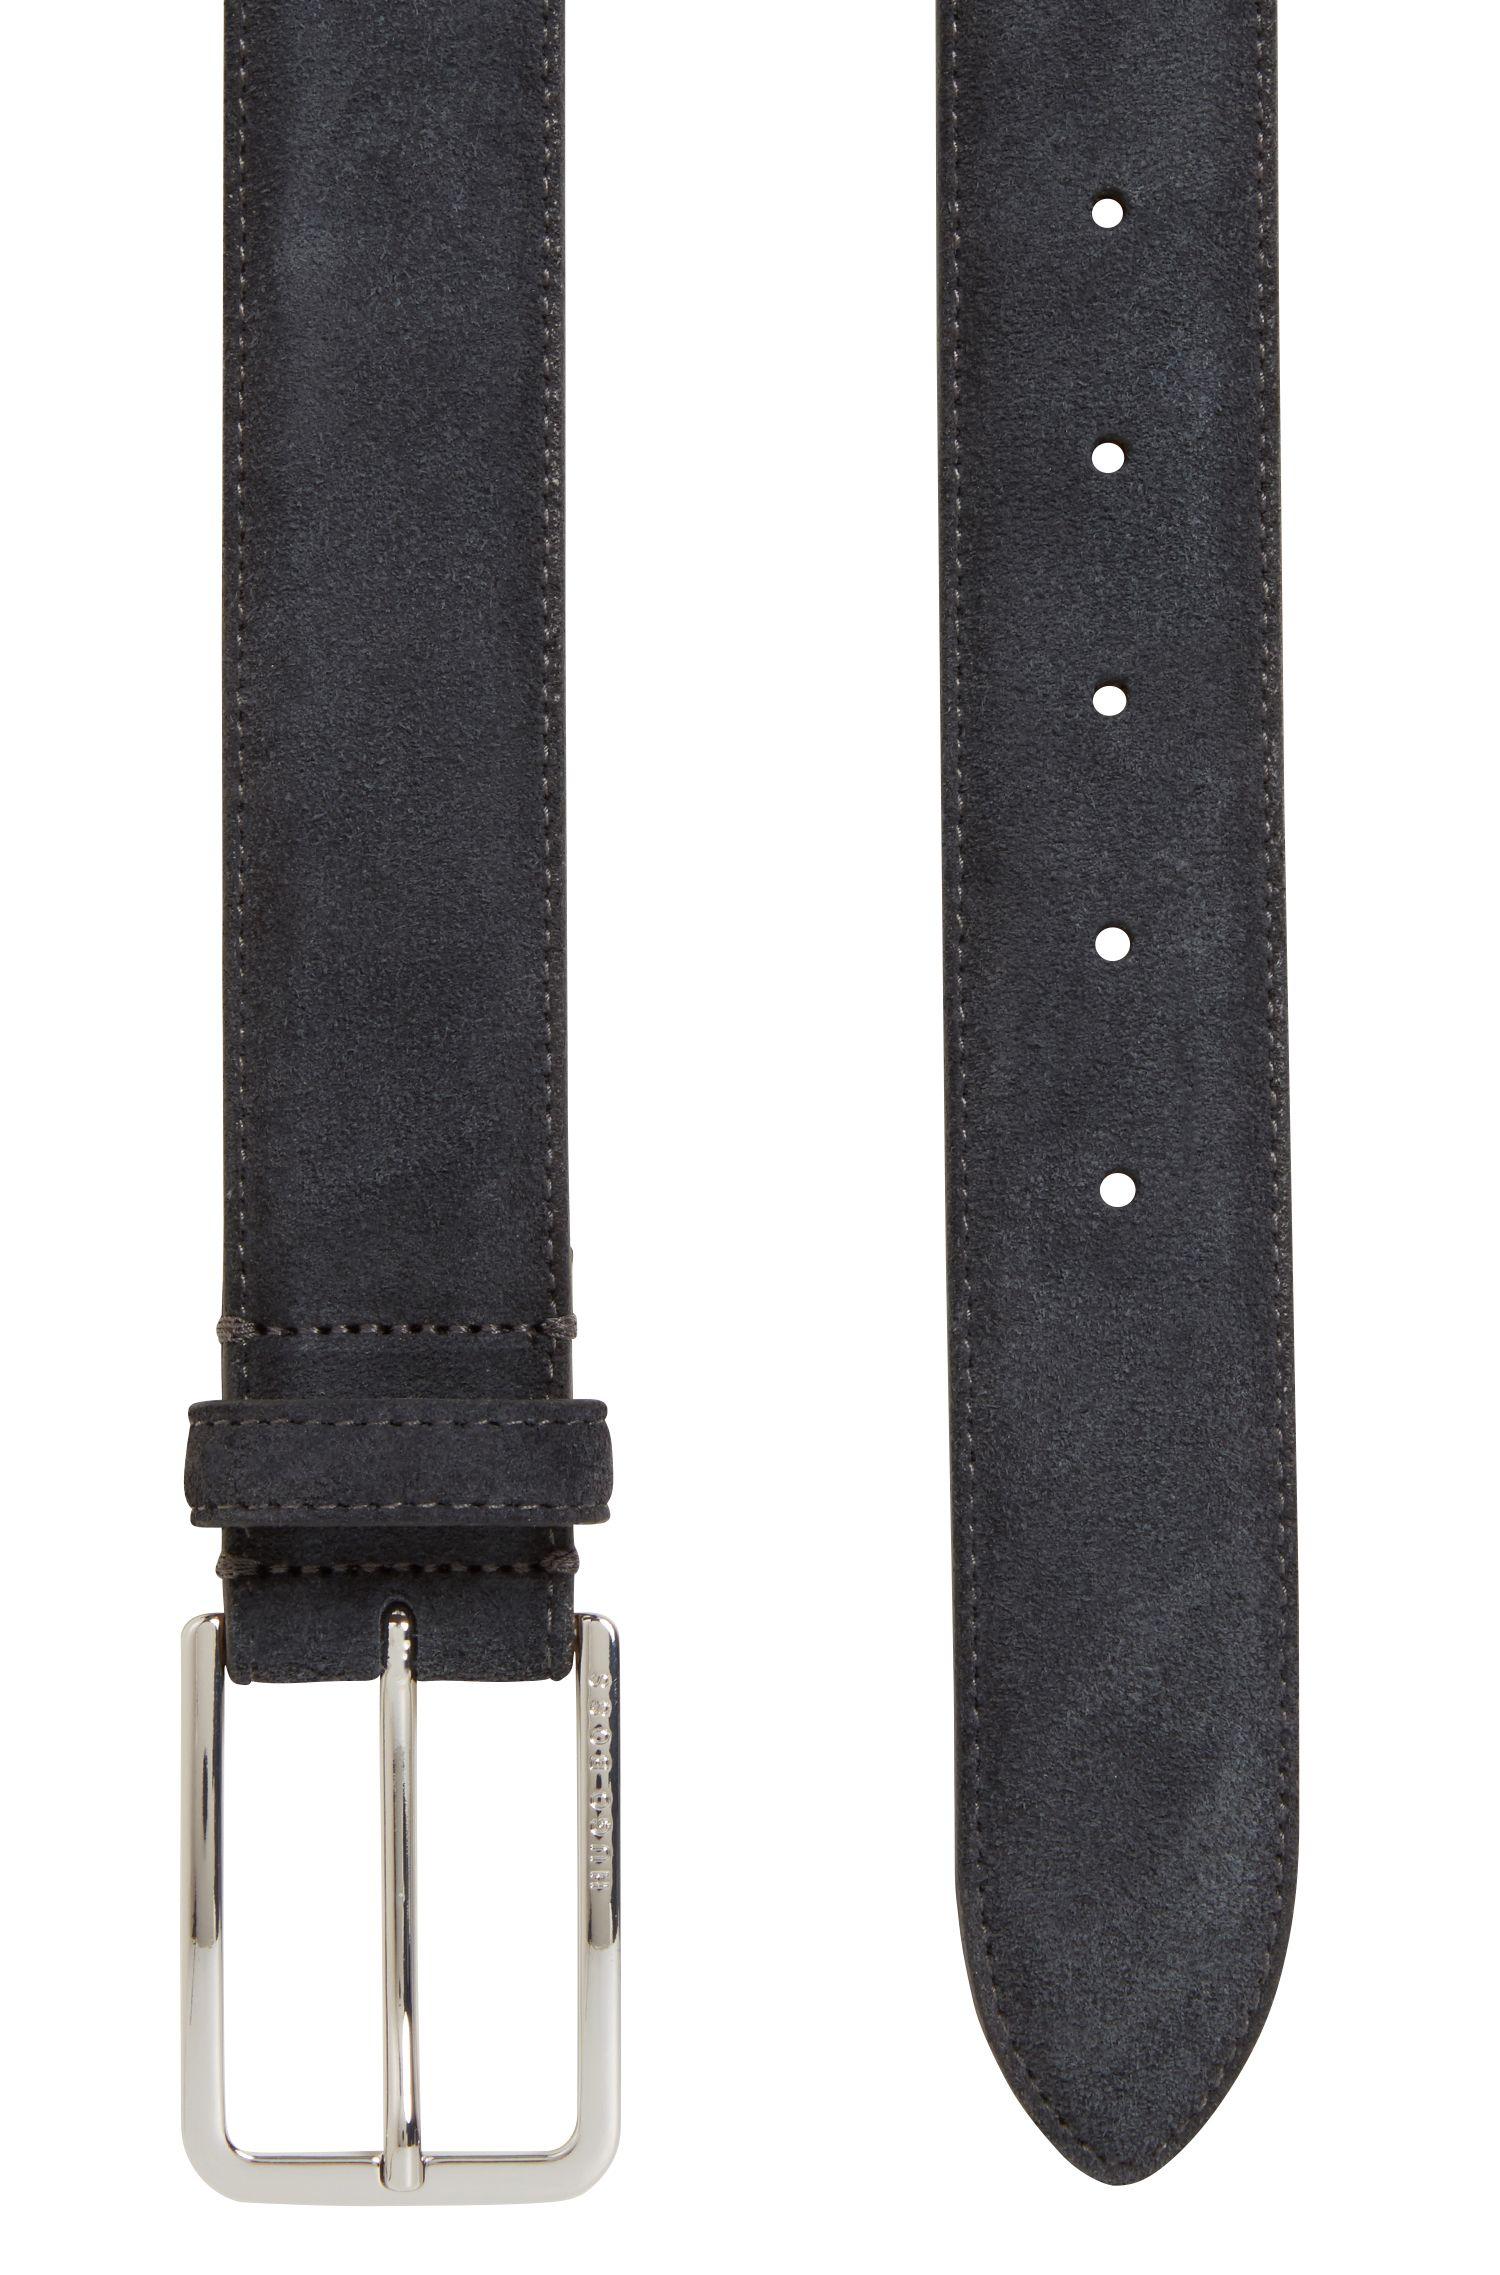 Cintura in pelle scamosciata con fibbia in metallo arrotondata, Grigio scuro